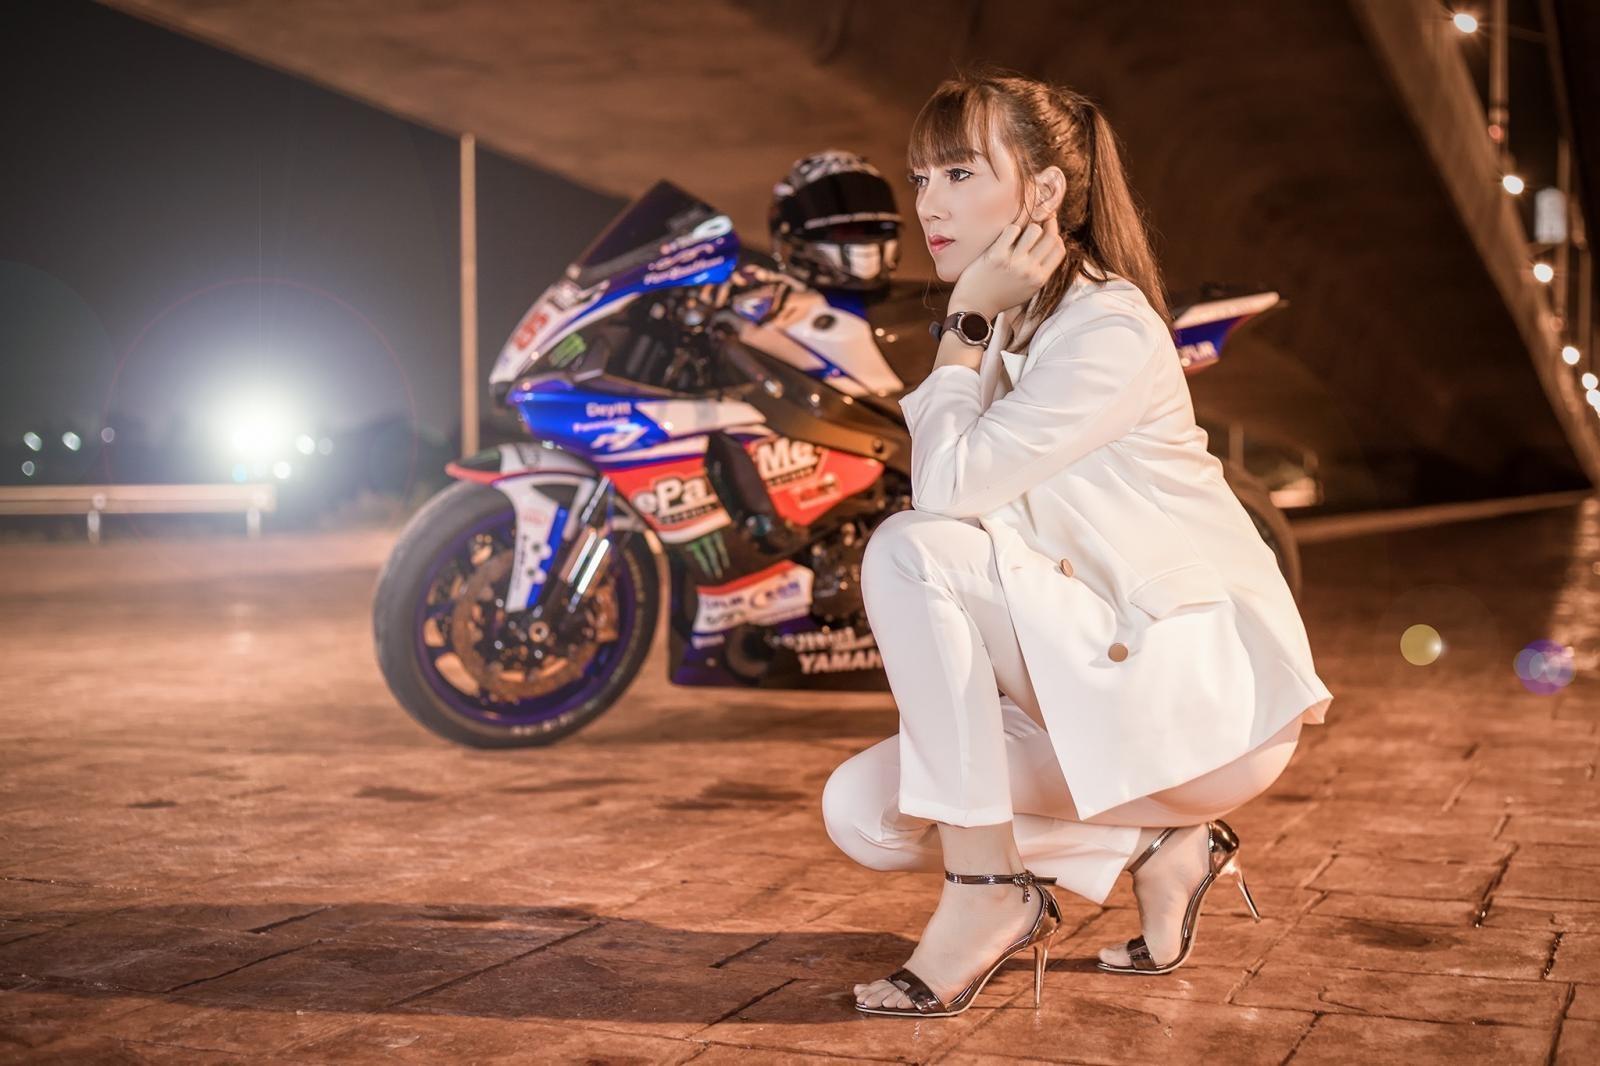 Cô nàng biến hoá khi thể thao, khi thanh lịch bên Yamaha R1 - 11